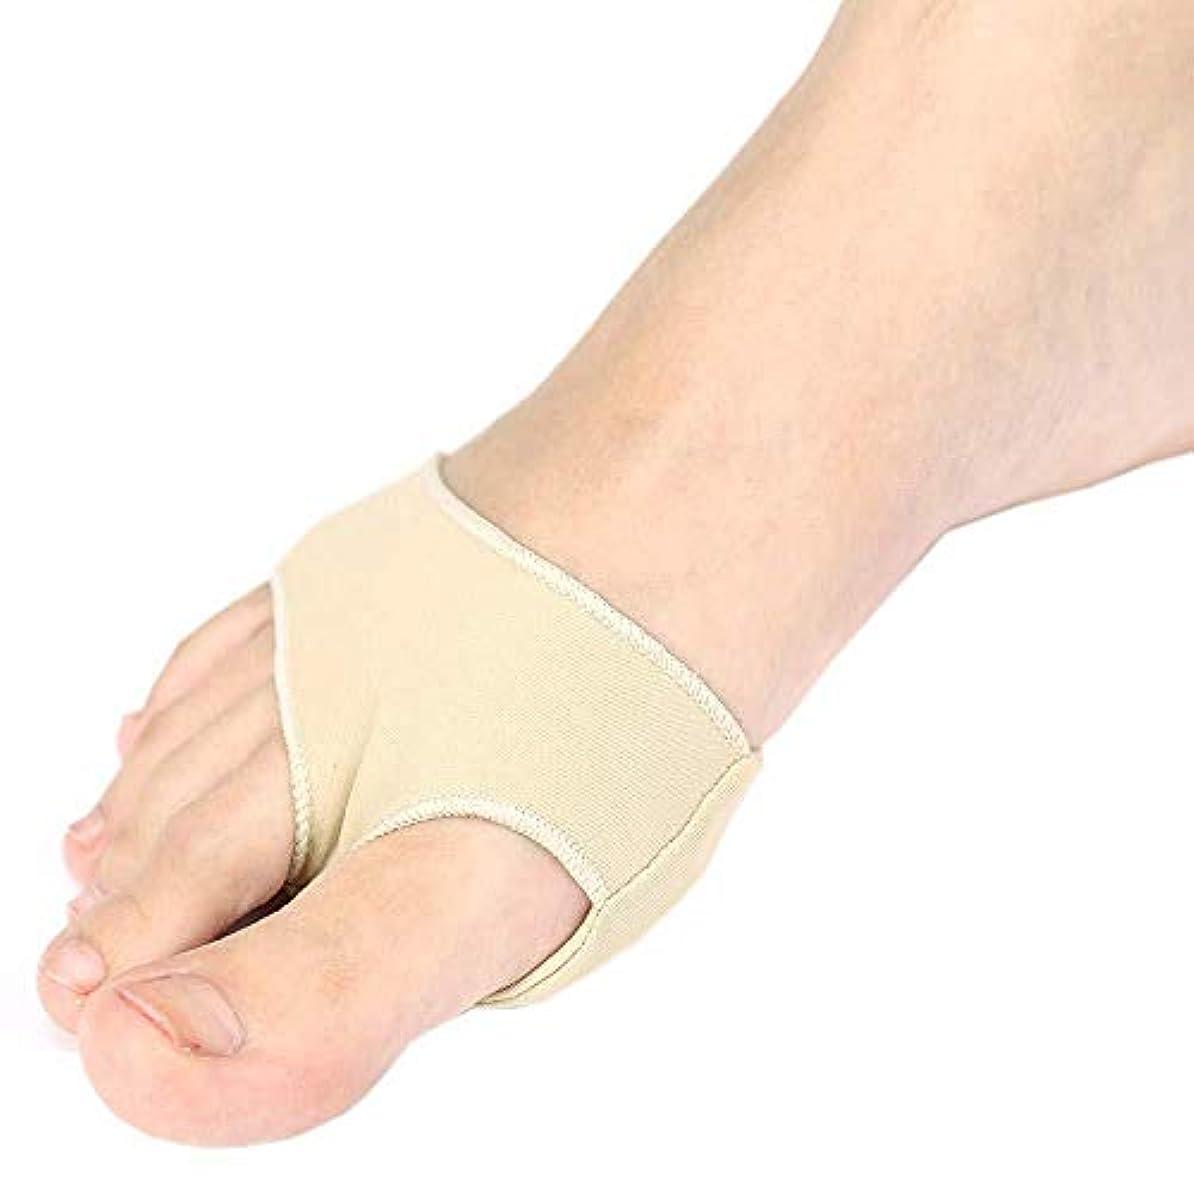 作る卒業底つま先と外反の分離のためのつま先セパレーター、足の親指矯正器、つま先矯正器、装具つま先セパレーター,L